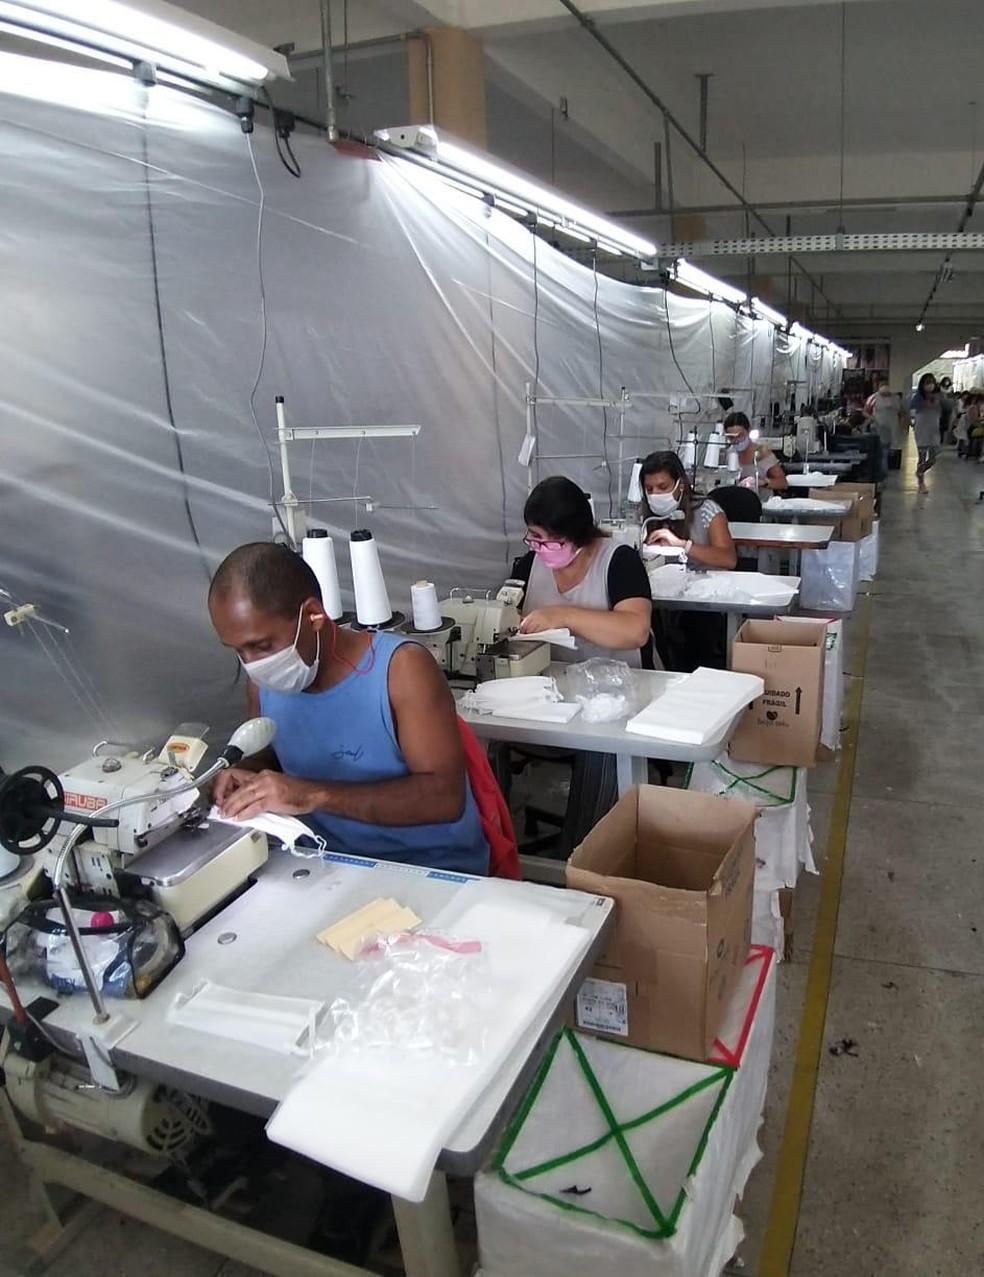 Setor defende que as empresas voltem a funcionar de acordo com a capacidade de funcionários por metro quadrado — Foto: Divulgação/Costurando Esperança